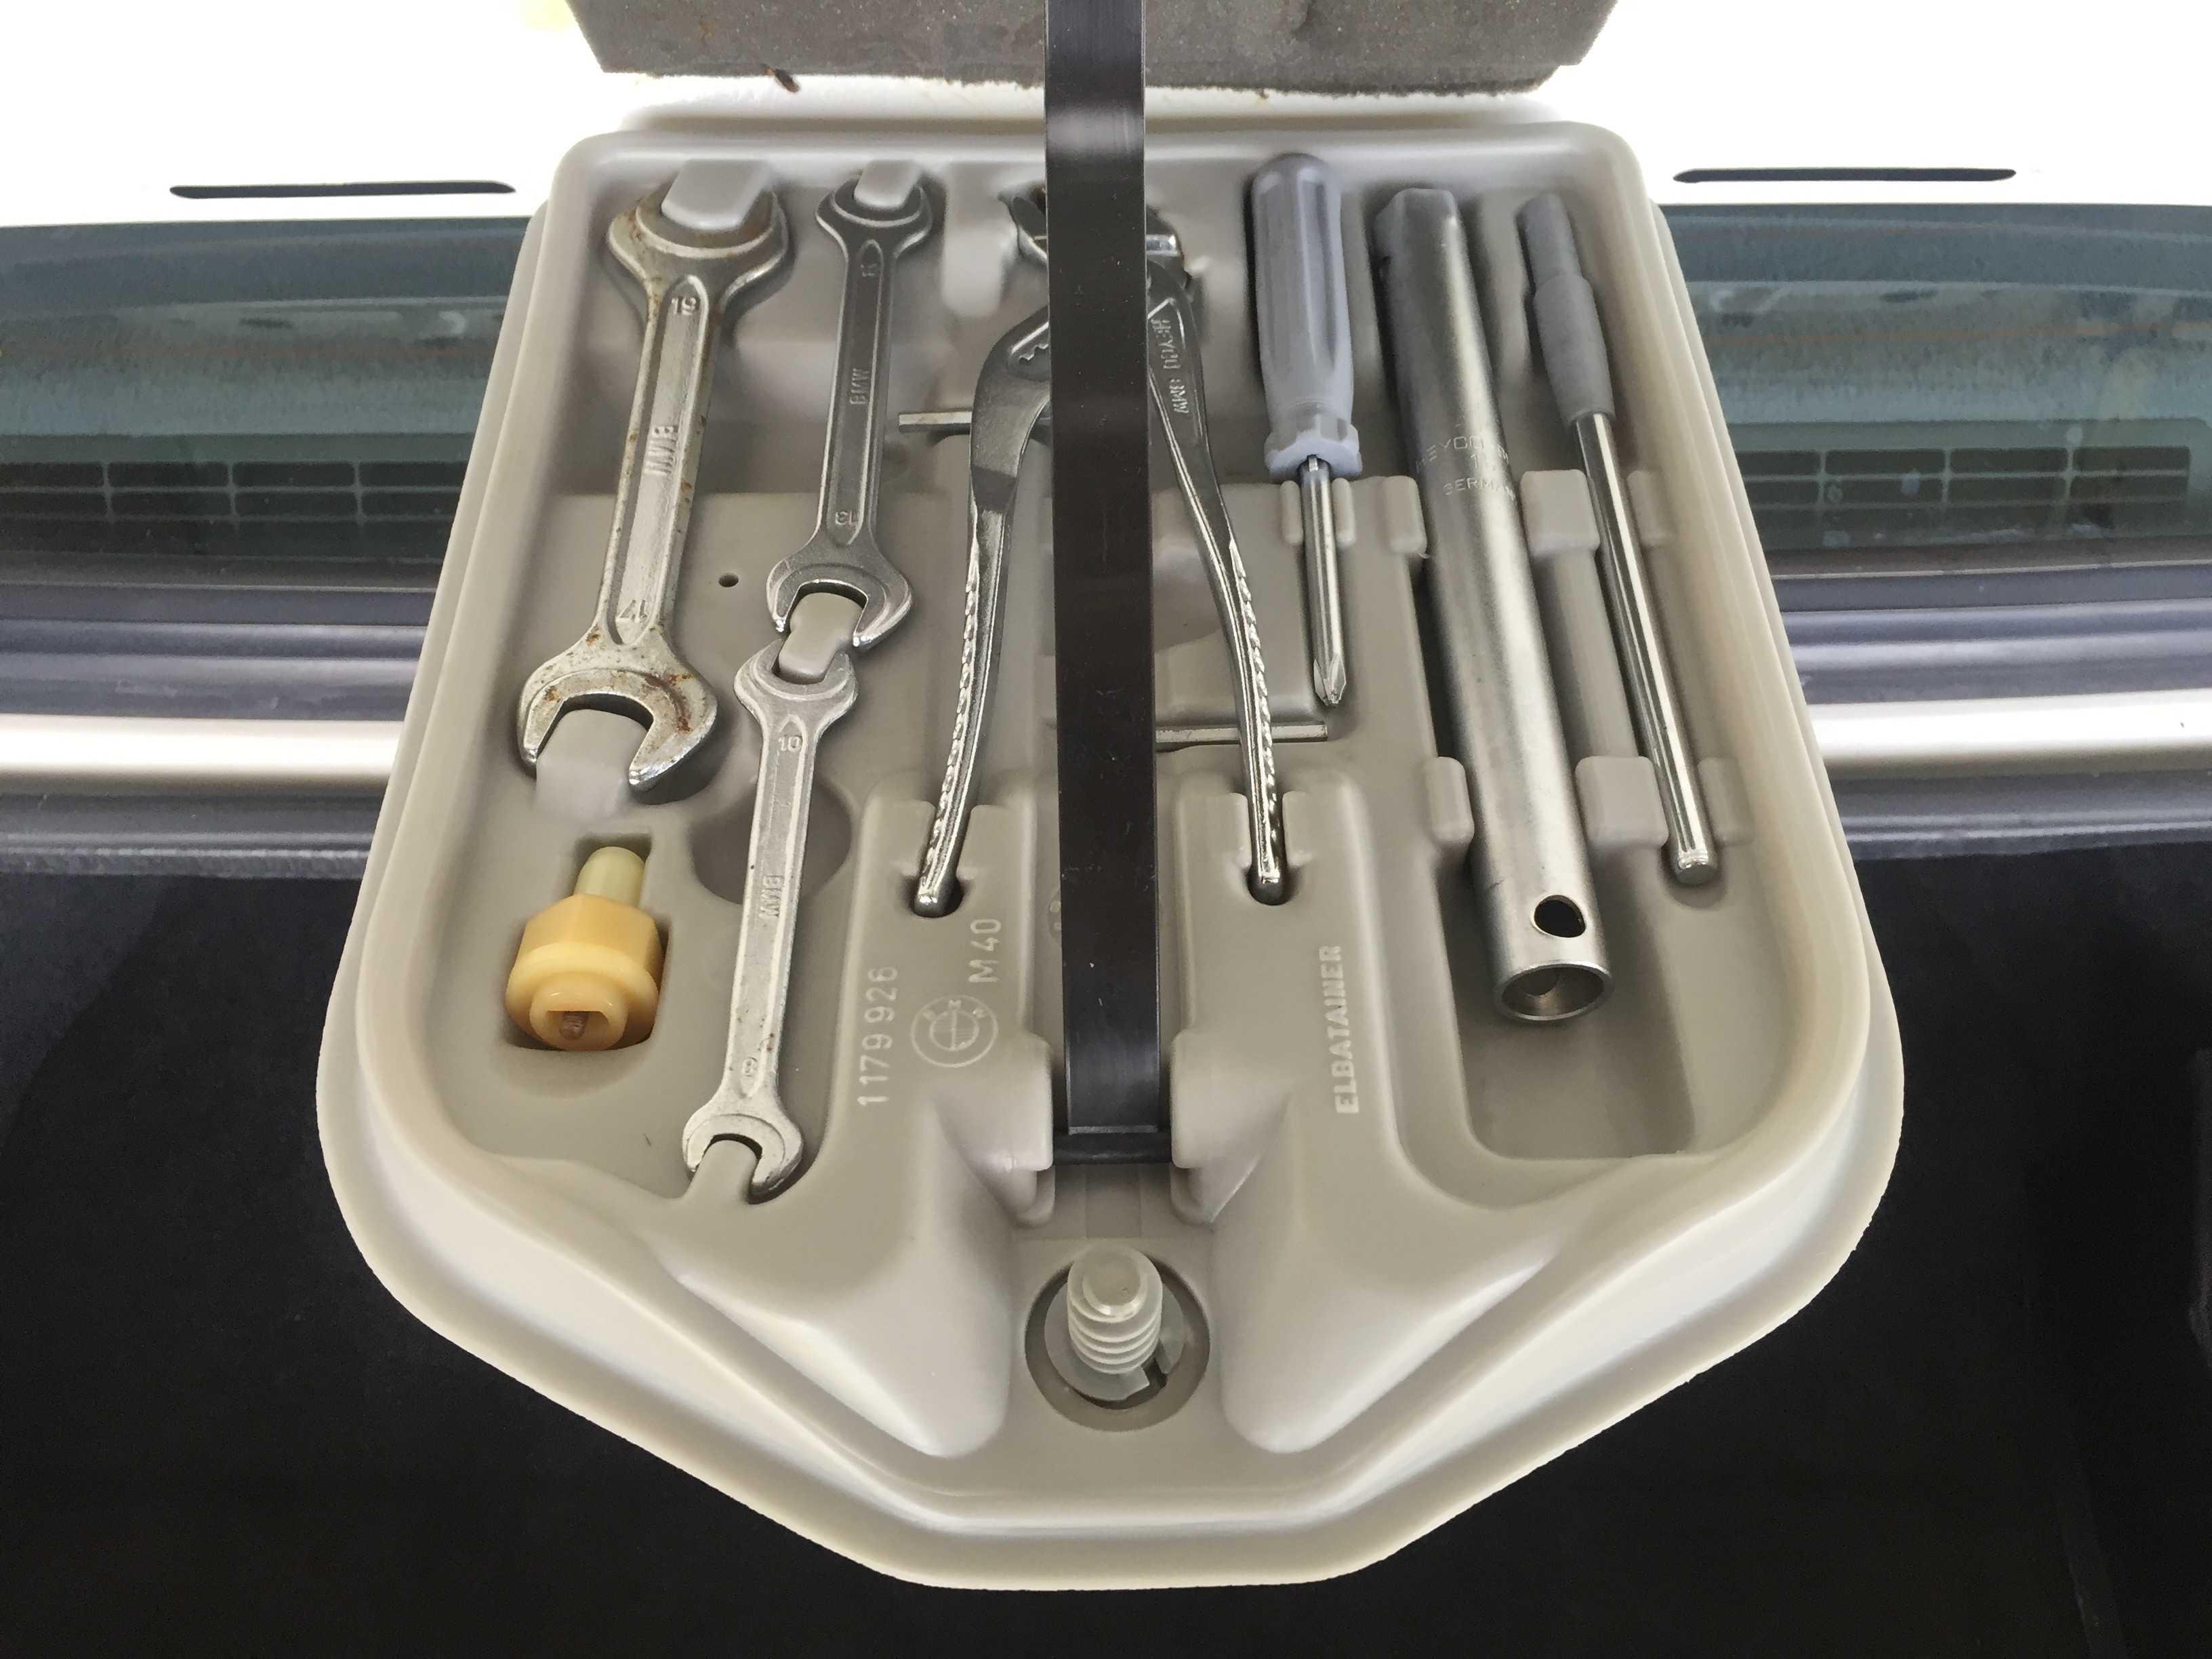 E30 toolkit tool blank